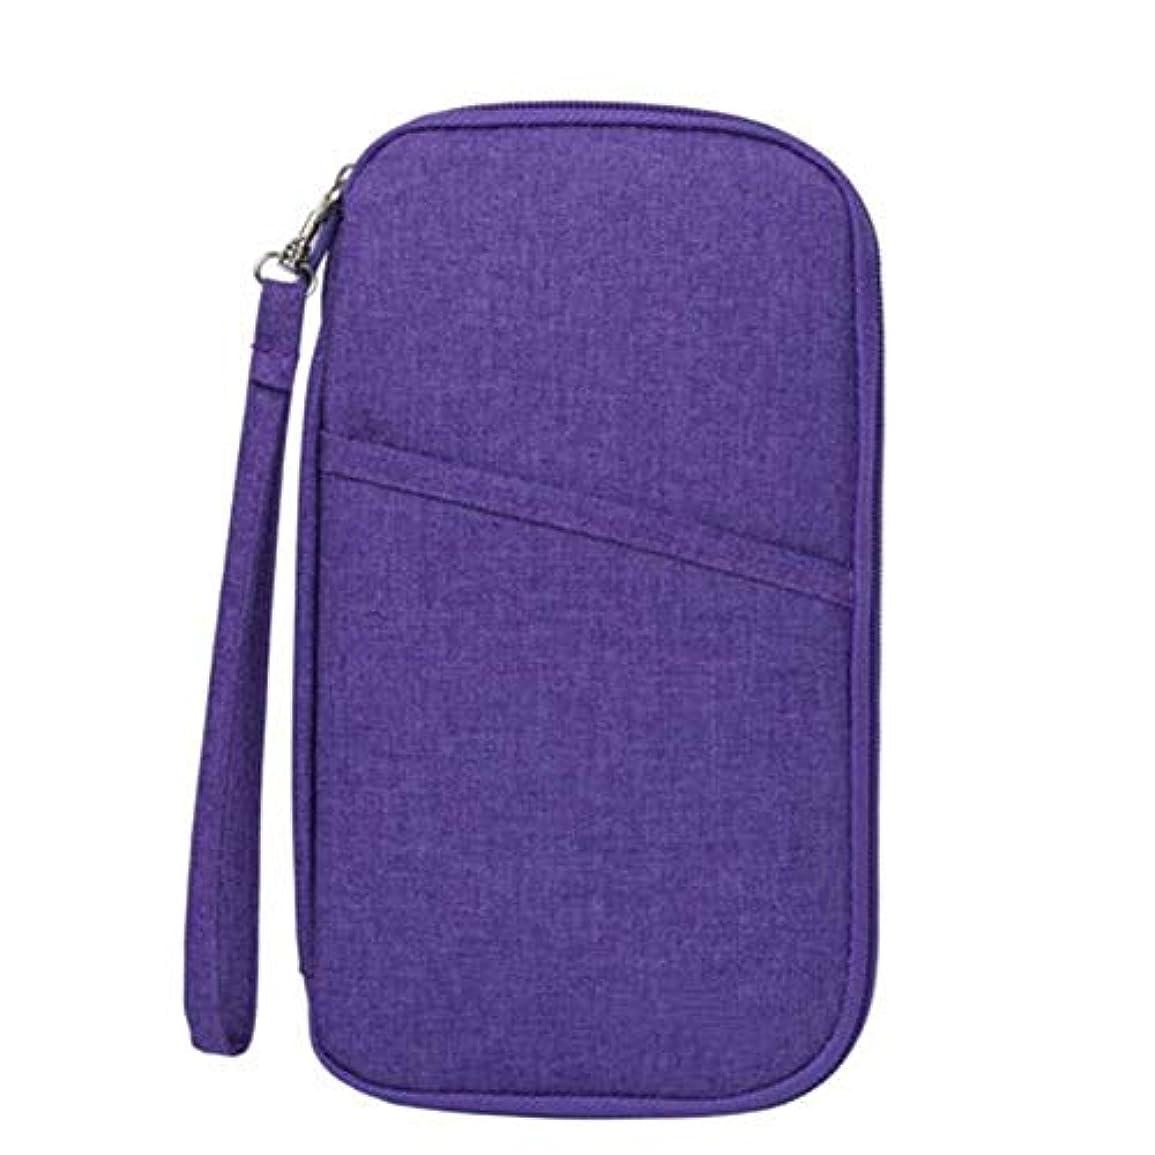 孤児同級生正確DishyKooker 多機能トラベルカードバッグ オーガナイザー パスポートウォレットパッケージハンドバッグ